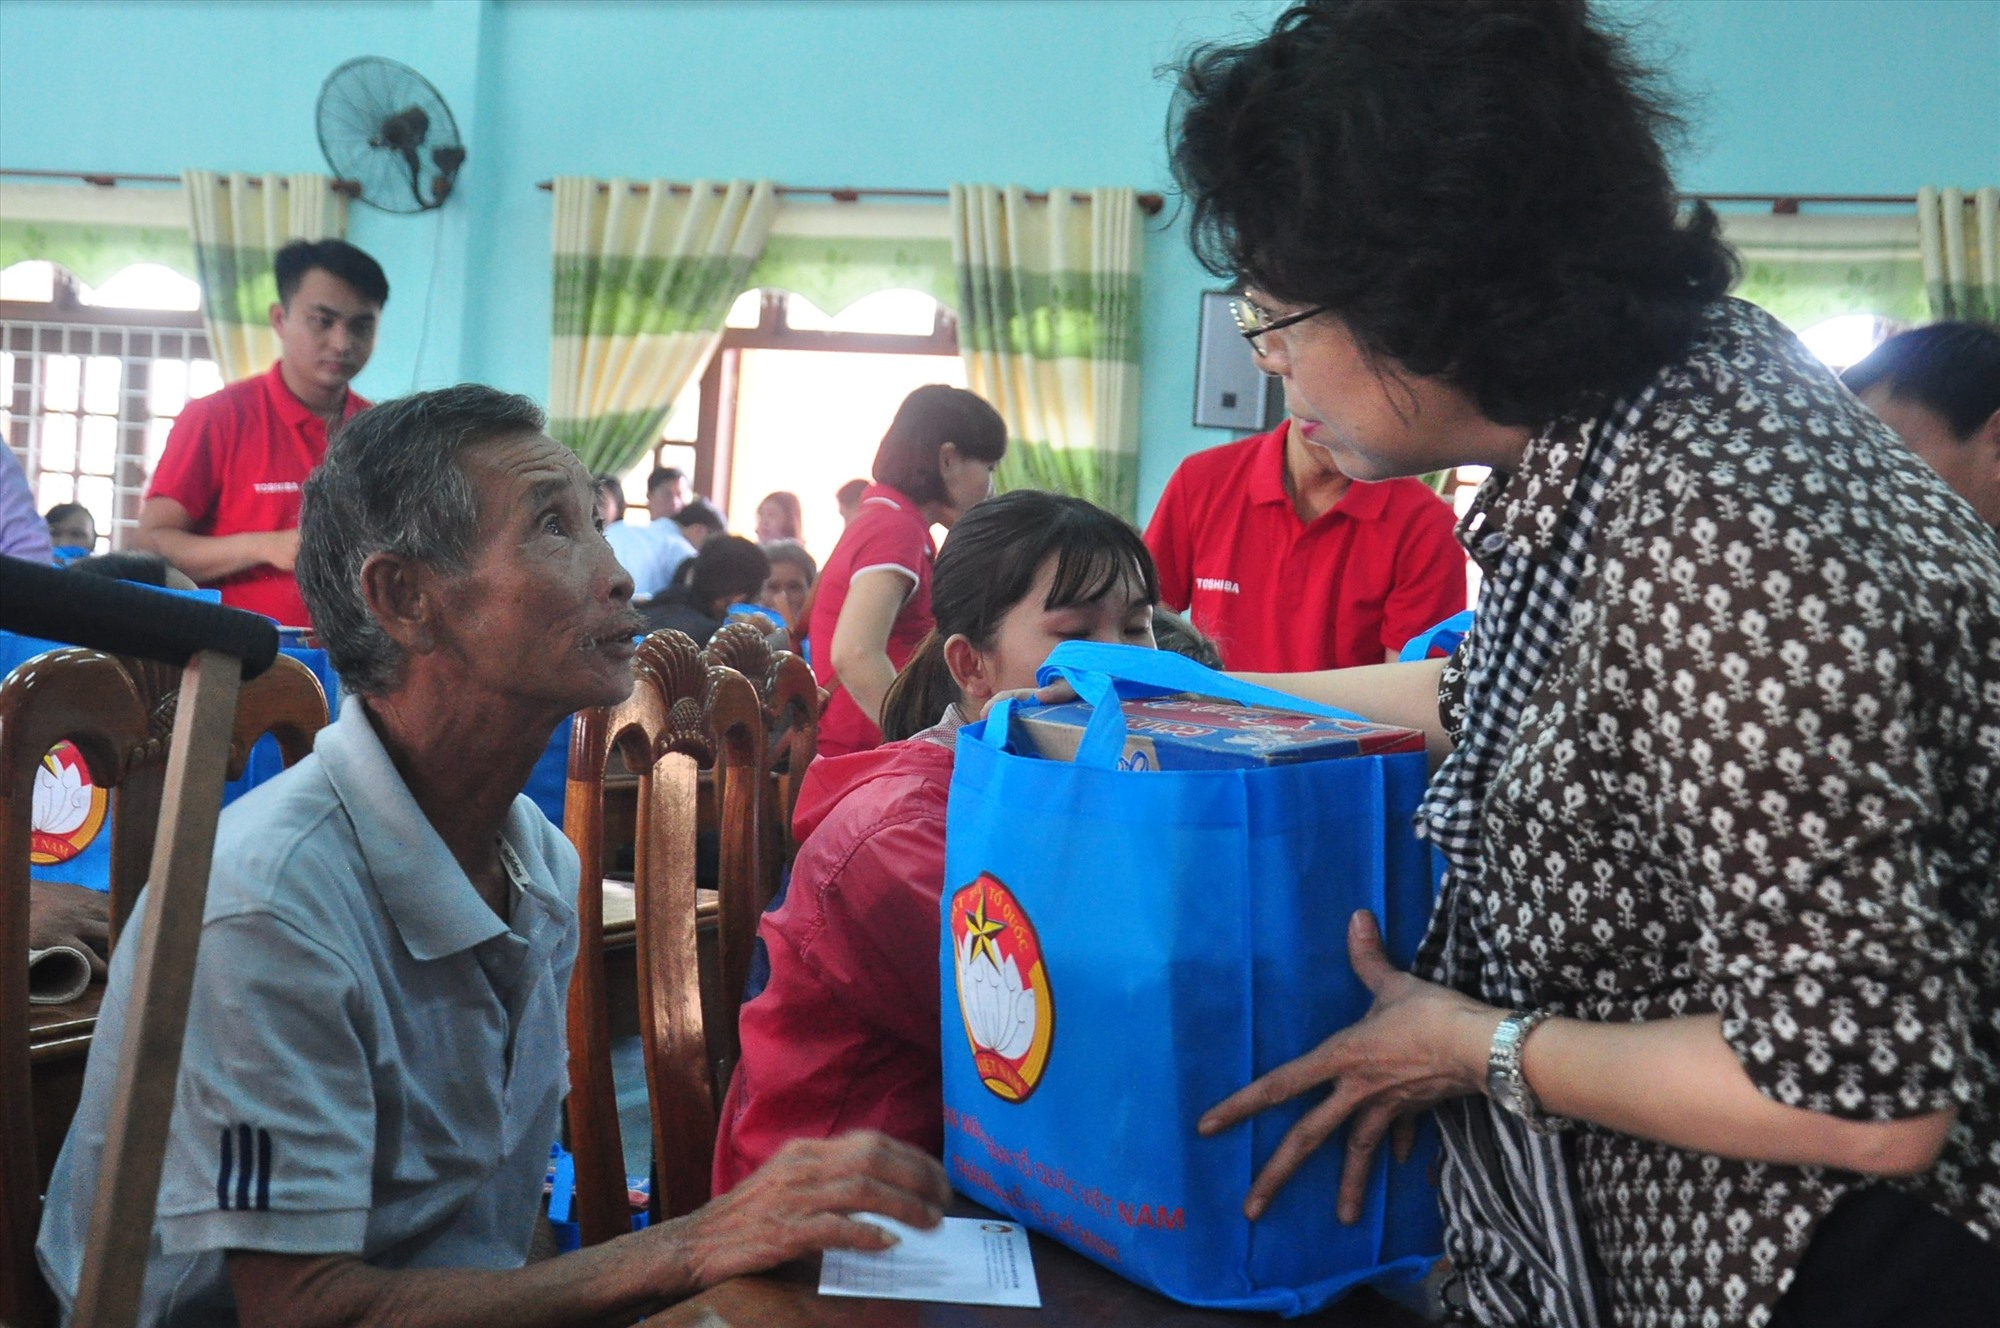 Bà Tô Thị Bích Châu - Chủ tịch Ủy ban MTTQ Việt Nam TP.Hồ Chí Minh tặng quà, hỏi thăm hoàn cảnh gia đình mộ người dân Núi Thành. Ảnh: VINH ANH